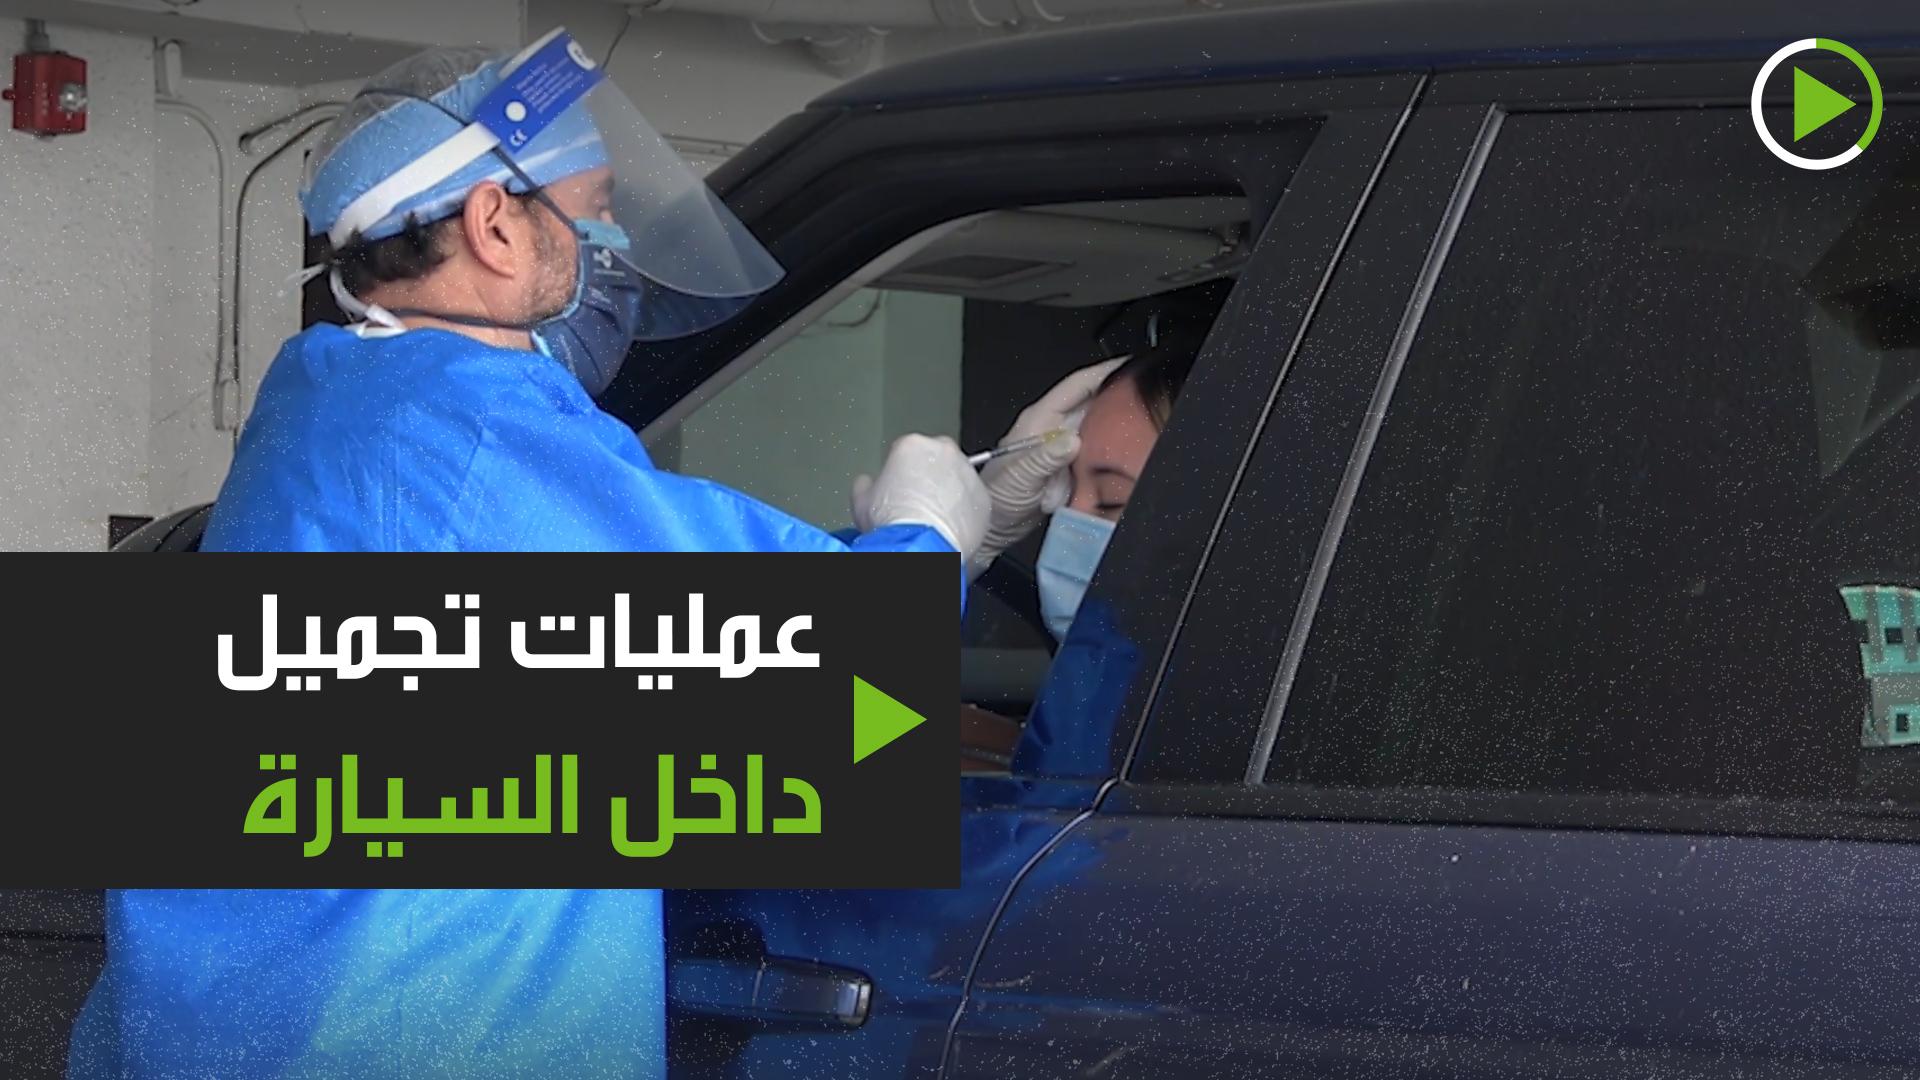 احصل على عمليات التجميل وأنت داخل سيارتك